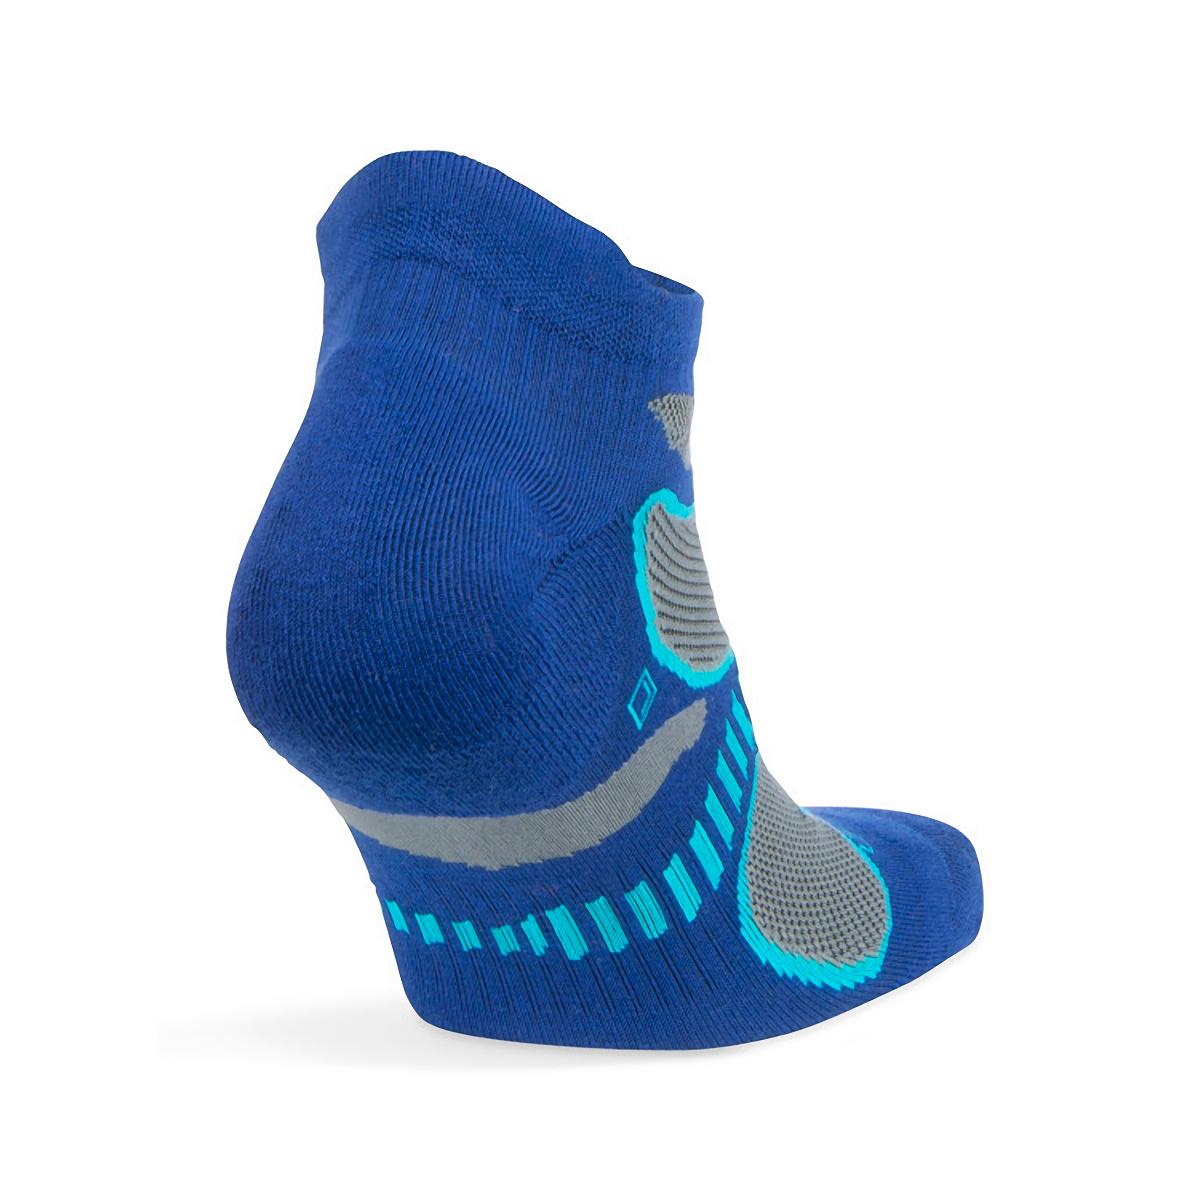 Balega Ultra Light No Show Tab Socks - Color: Cobalt - Size: S, Cobalt, large, image 1